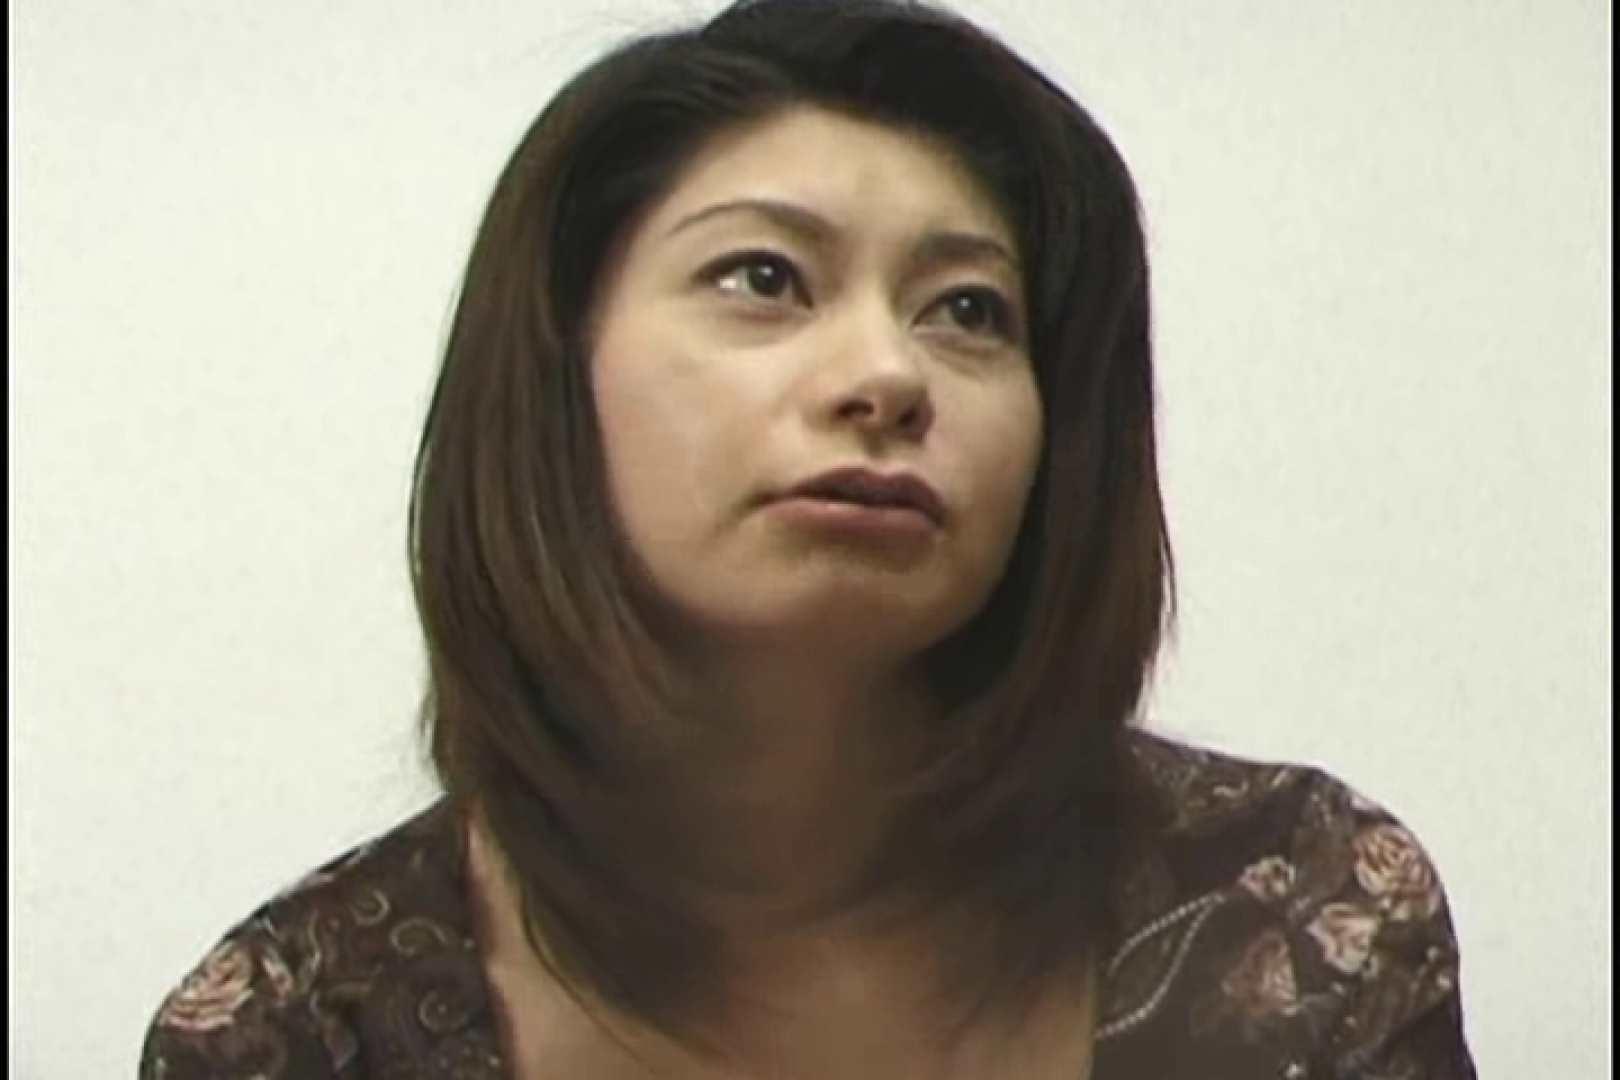 素人嬢126人のハメ撮り 清川百合 素敵な美乳  74枚 44